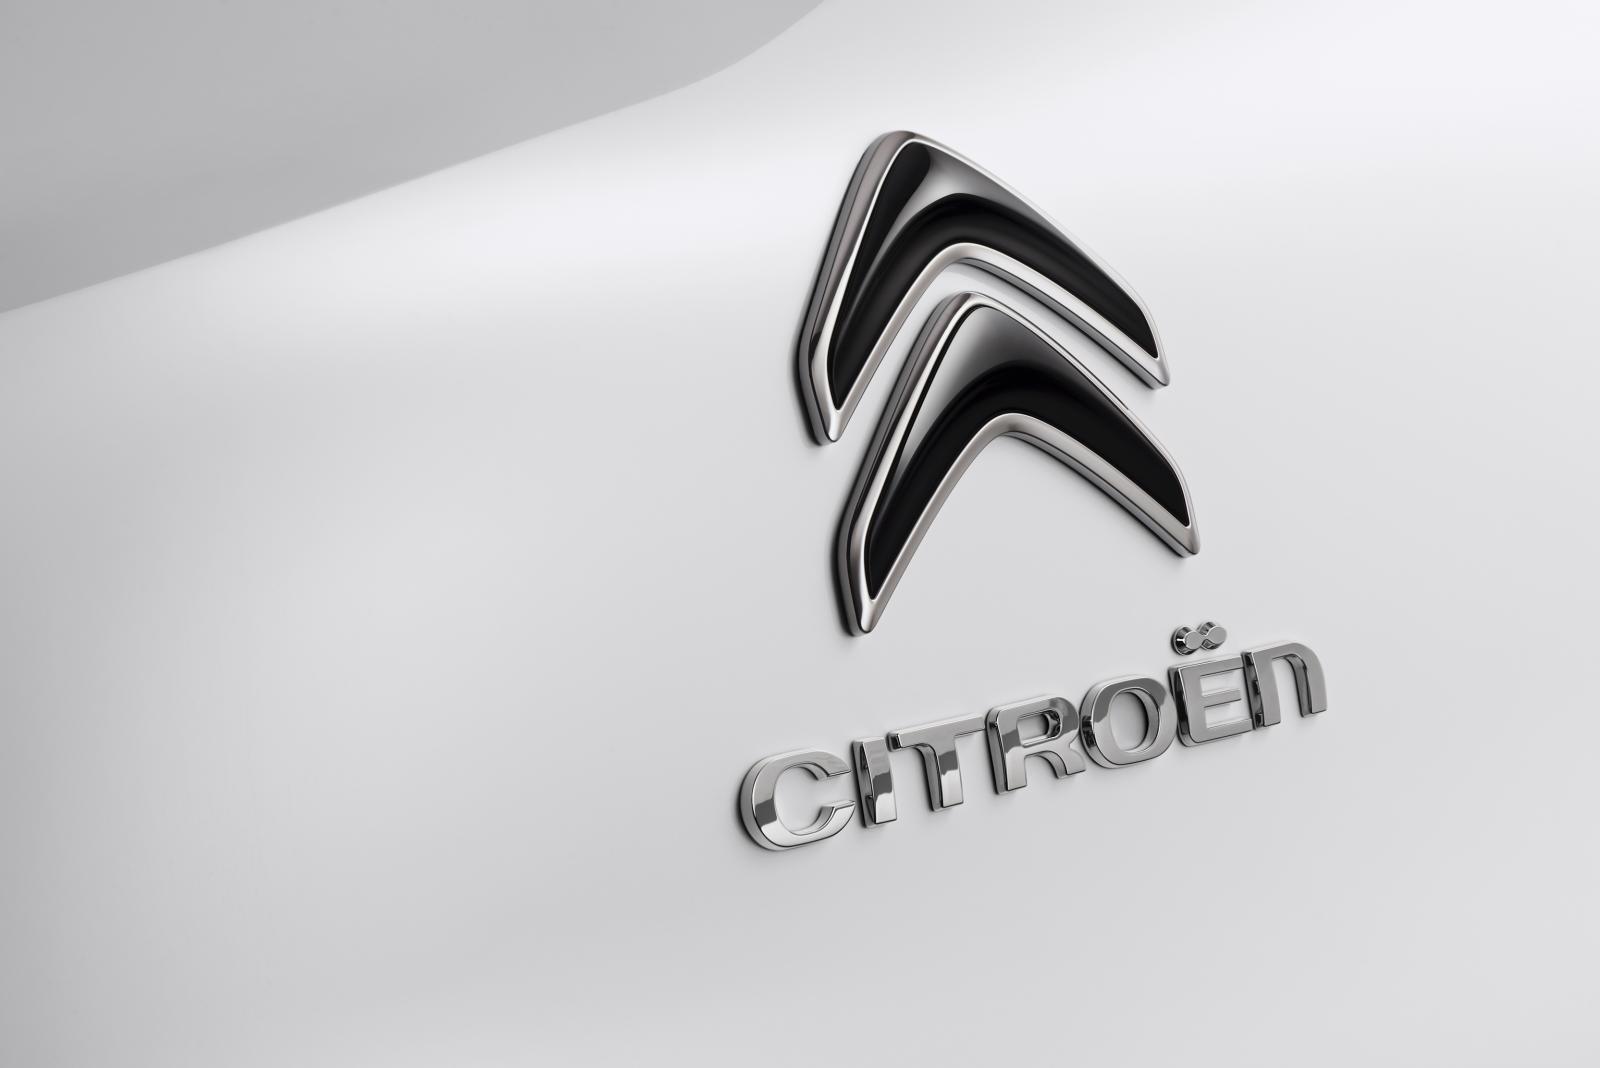 Nouvelle C3 - Logo Citroën